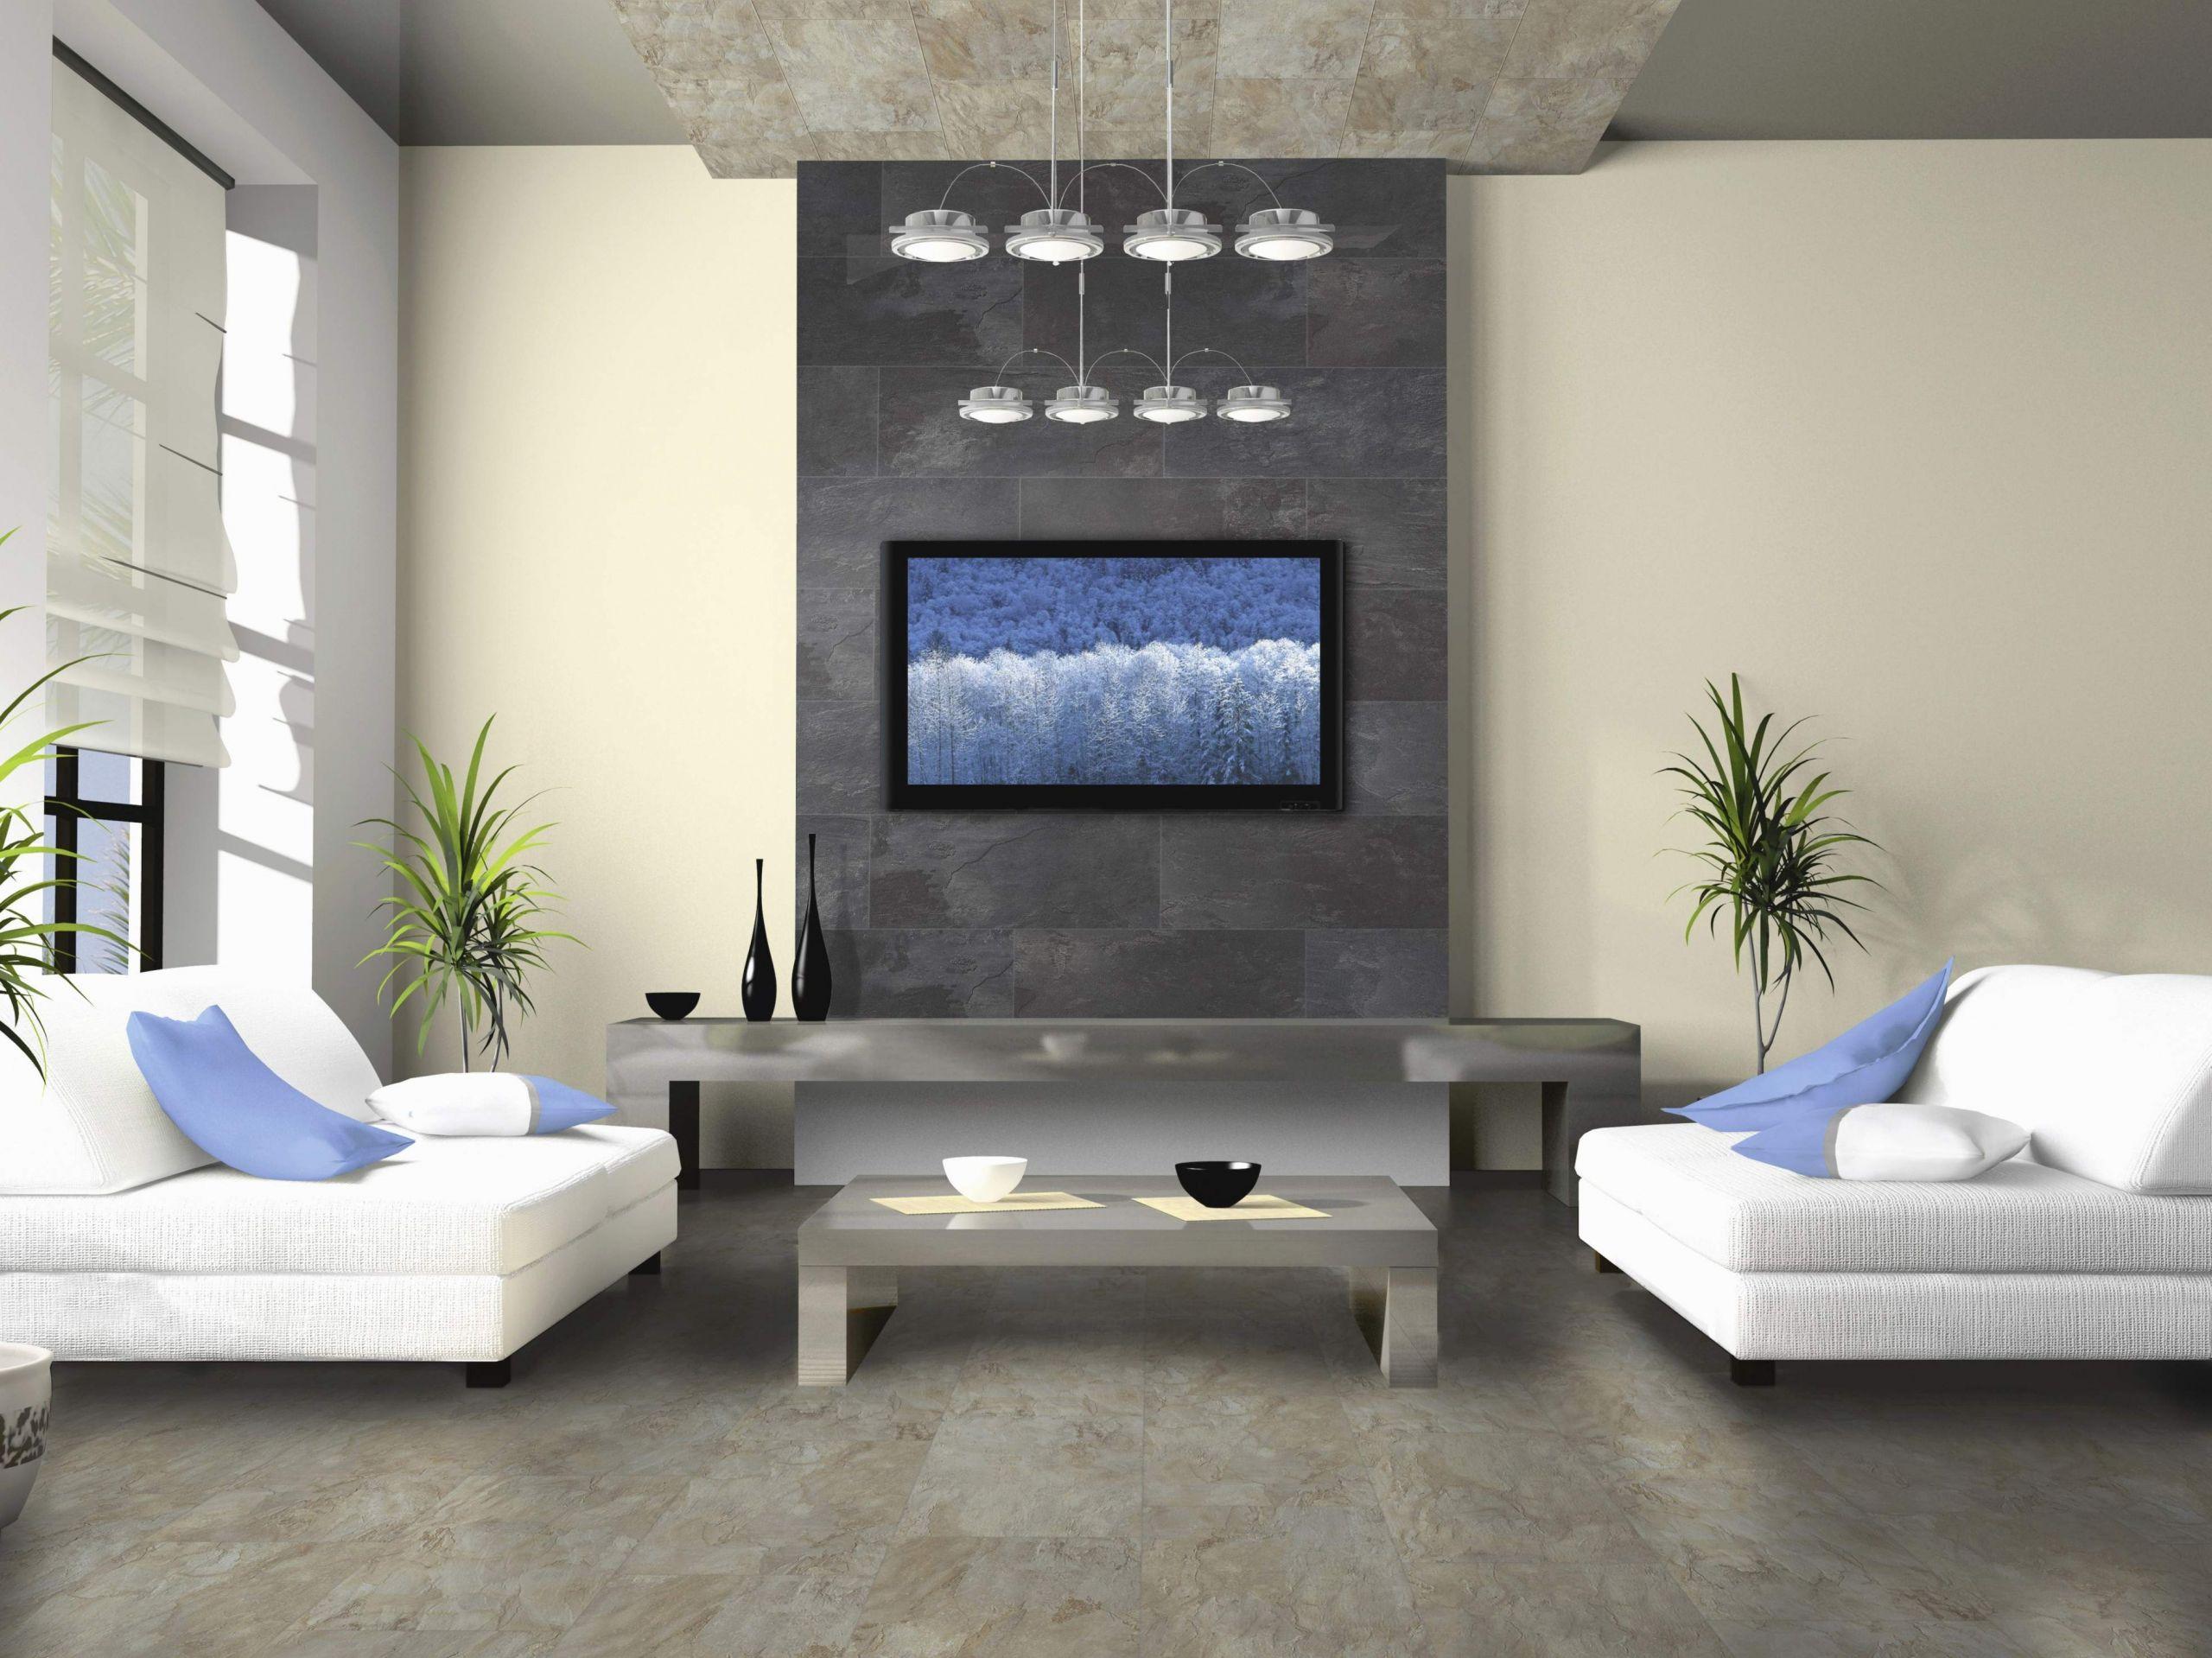 wohnzimmer deko wand frisch dekoration wohnzimmer reizend wohnzimmer wand 0d of wohnzimmer deko wand